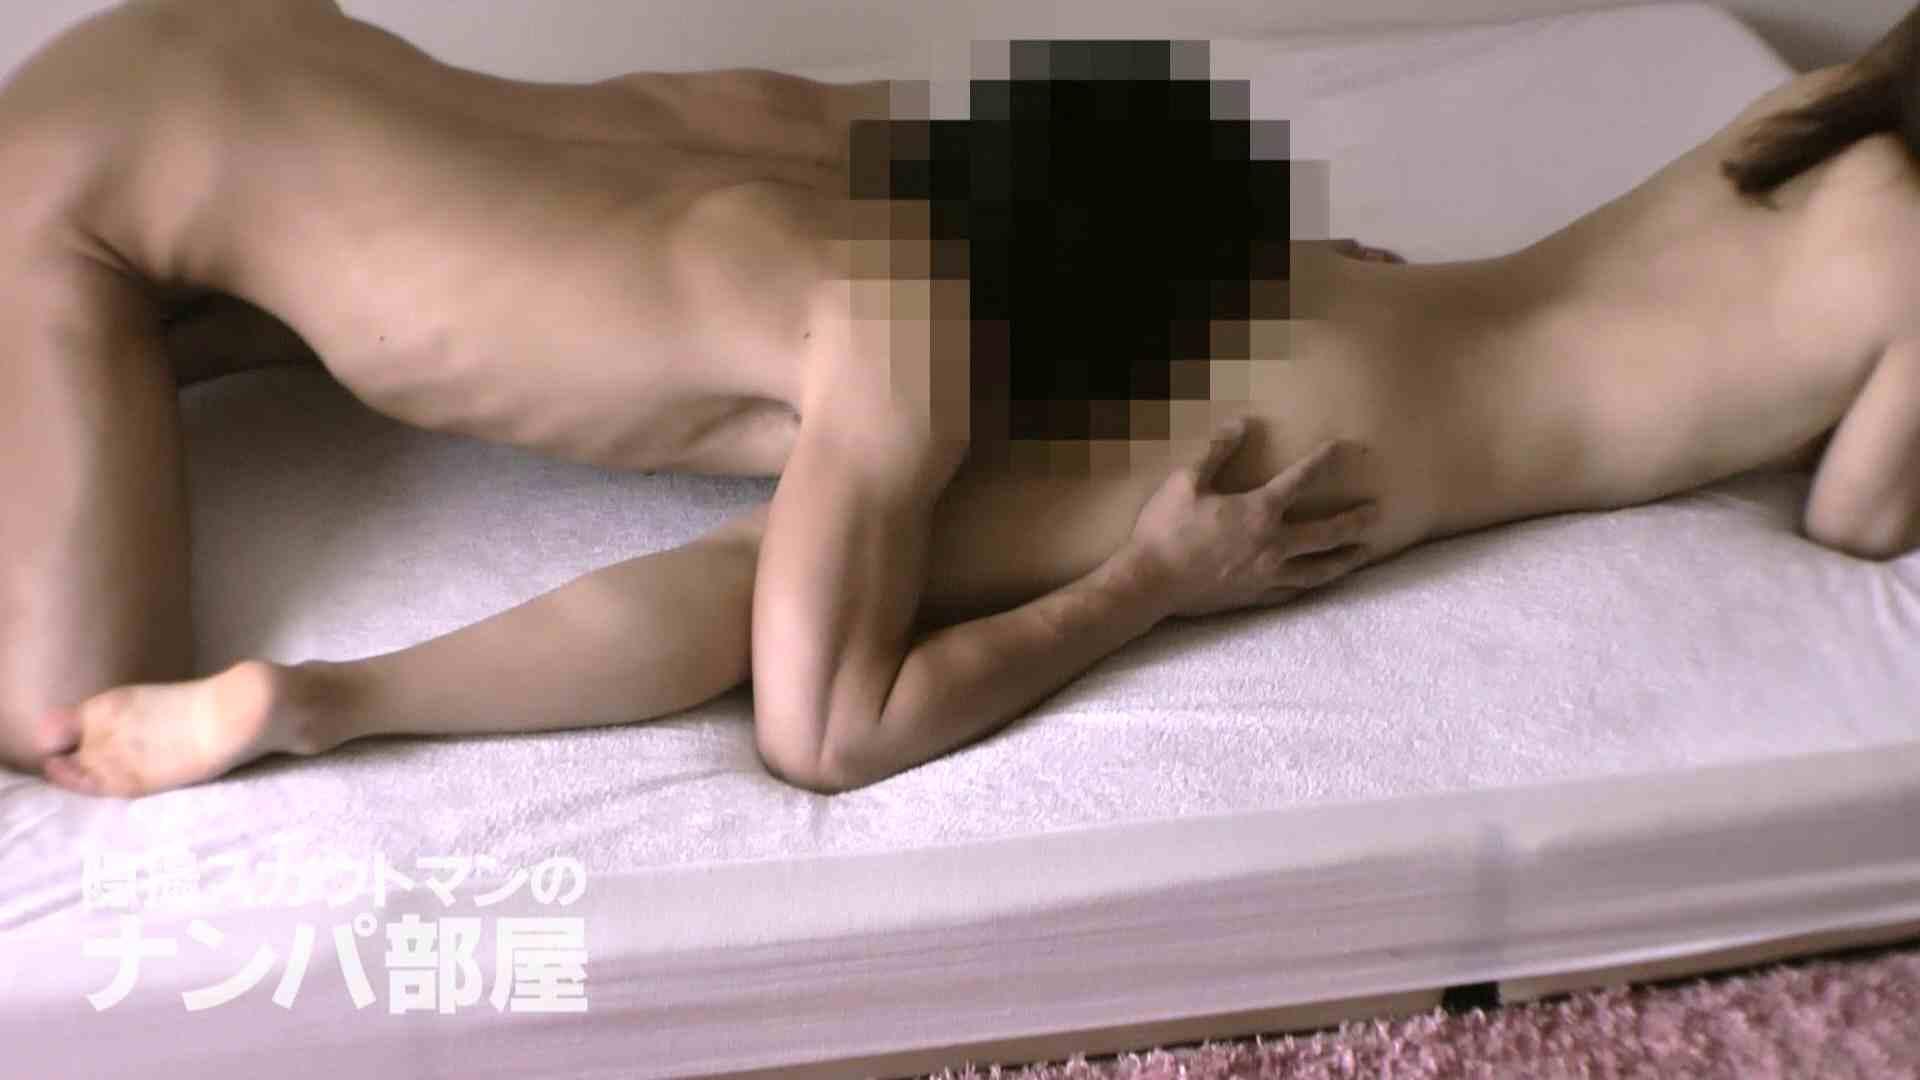 隠撮スカウトマンのナンパ部屋~風俗デビュー前のつまみ食い~ siivol.4 隠撮  74pic 40